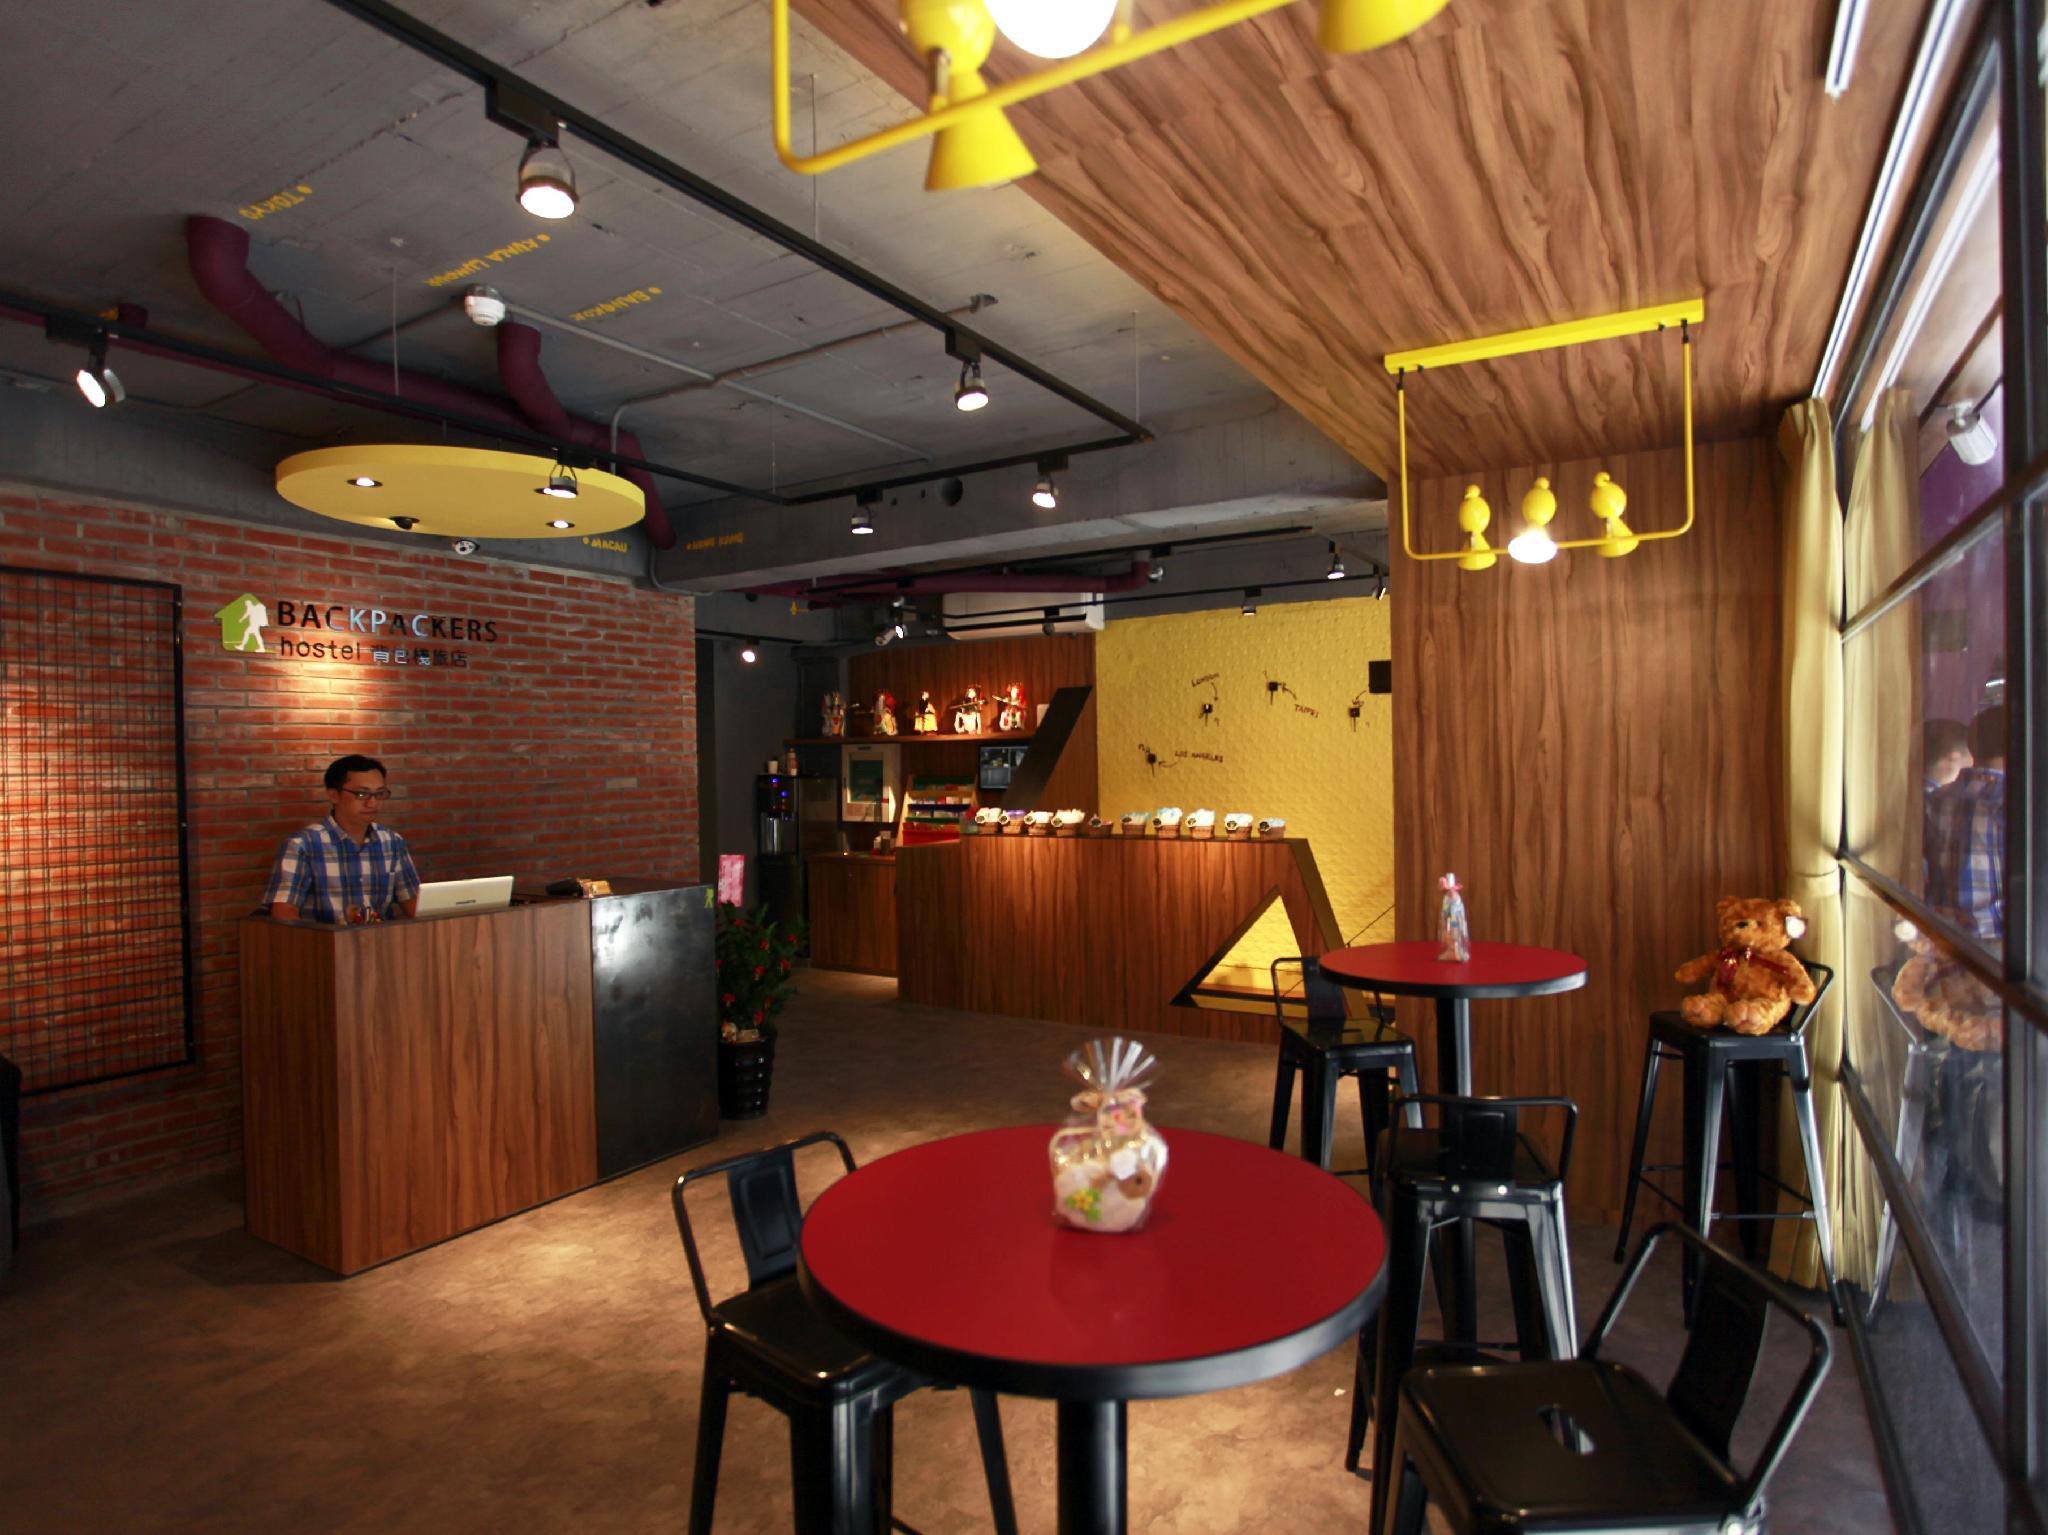 Backpackers hostel ximen ximending taipei taiwan for Design ximen hotel ximending